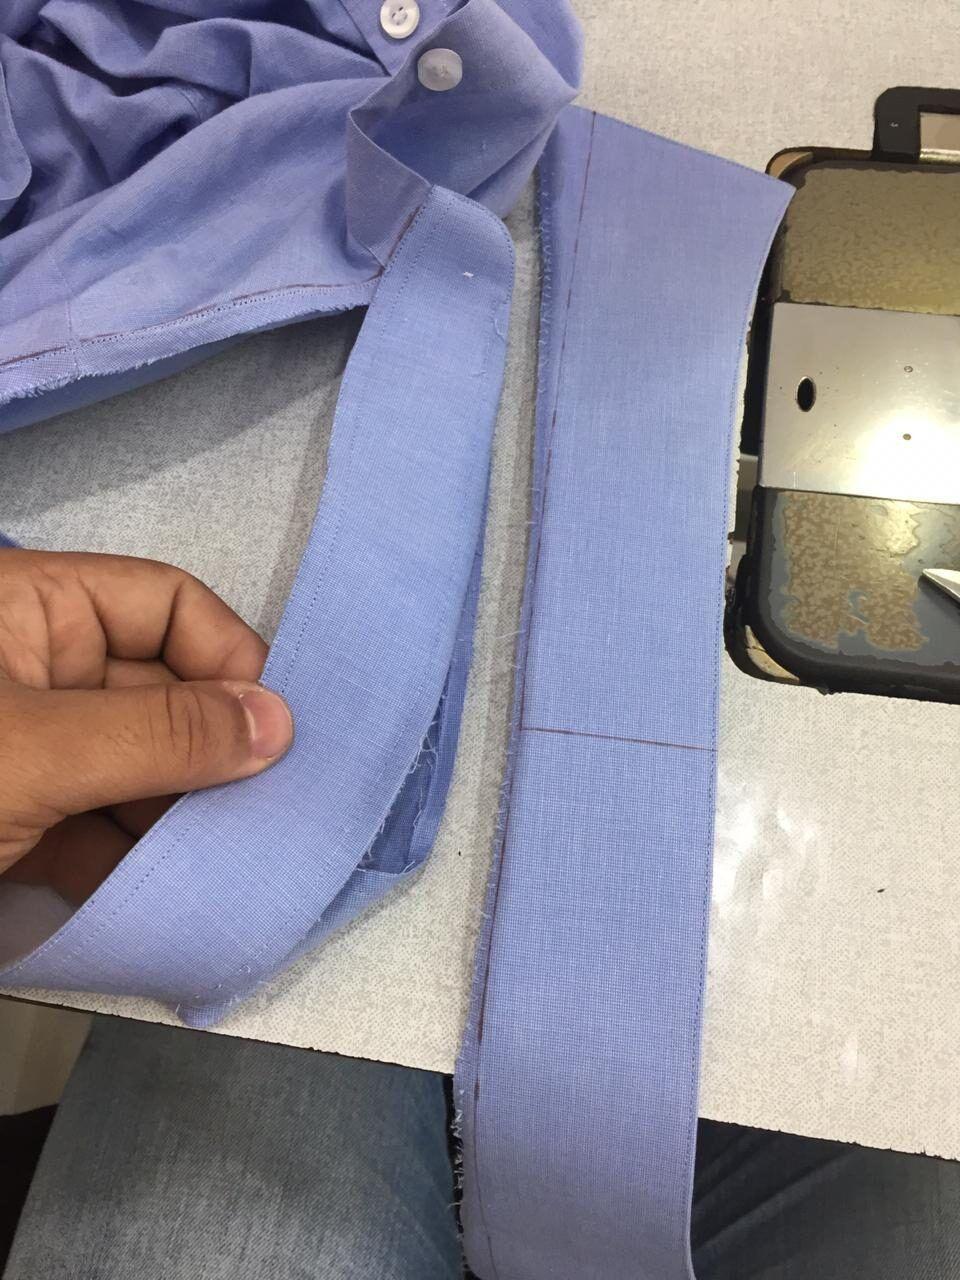 diminuir-gola-de-camisa-social-costurando-gola-de-camisa-6185550